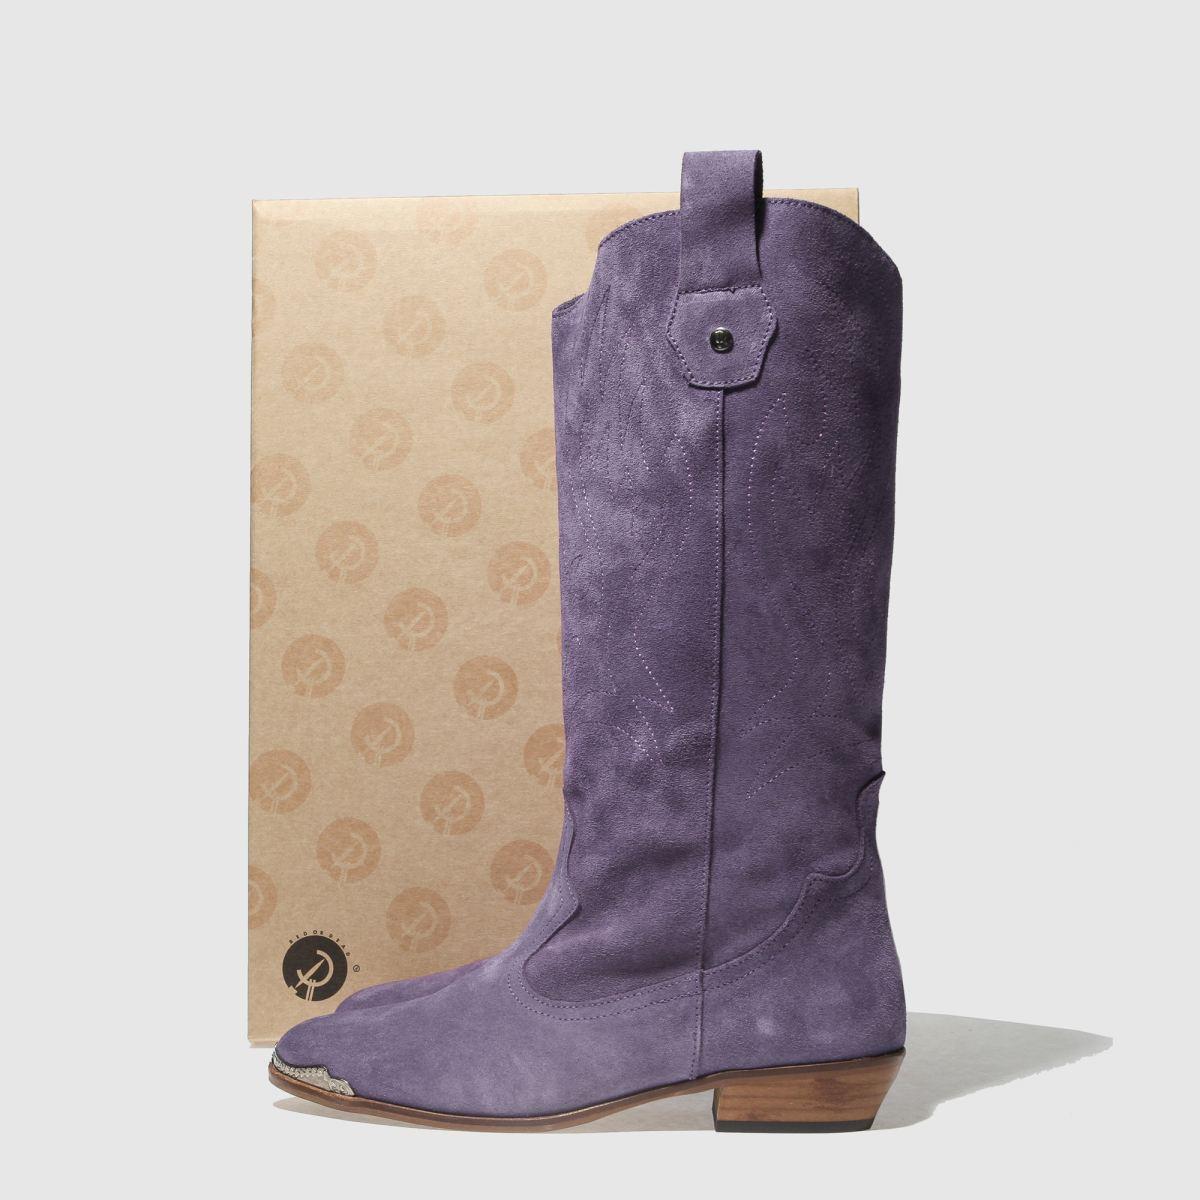 Damen Blaulila red or dead Montana Boots beliebte | schuh Gute Qualität beliebte Boots Schuhe 064557